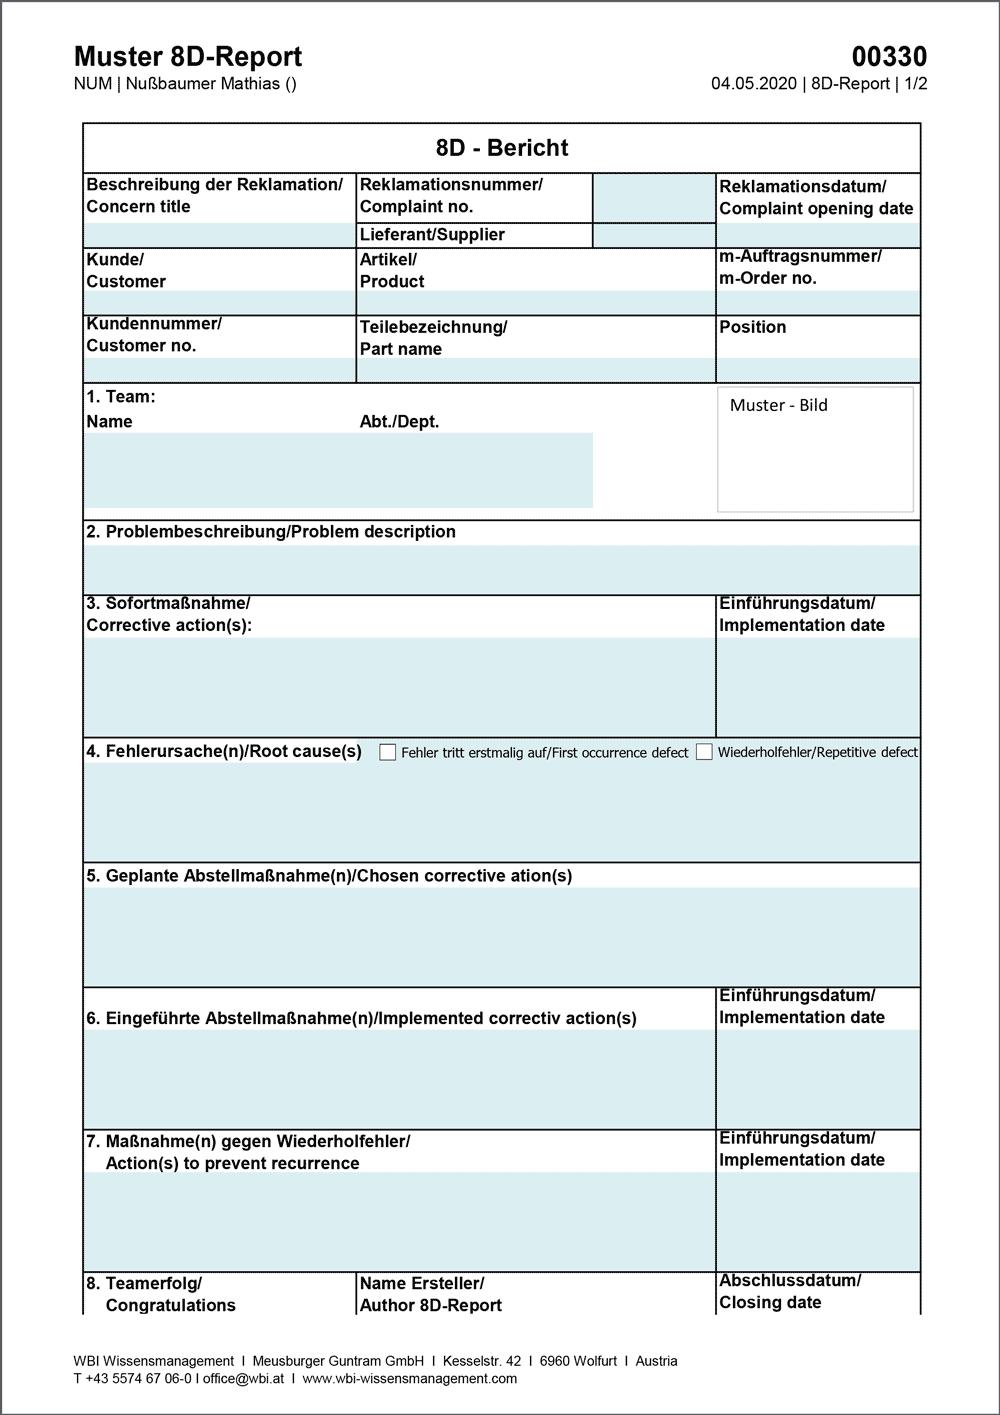 WBI-Muster-8D-Report